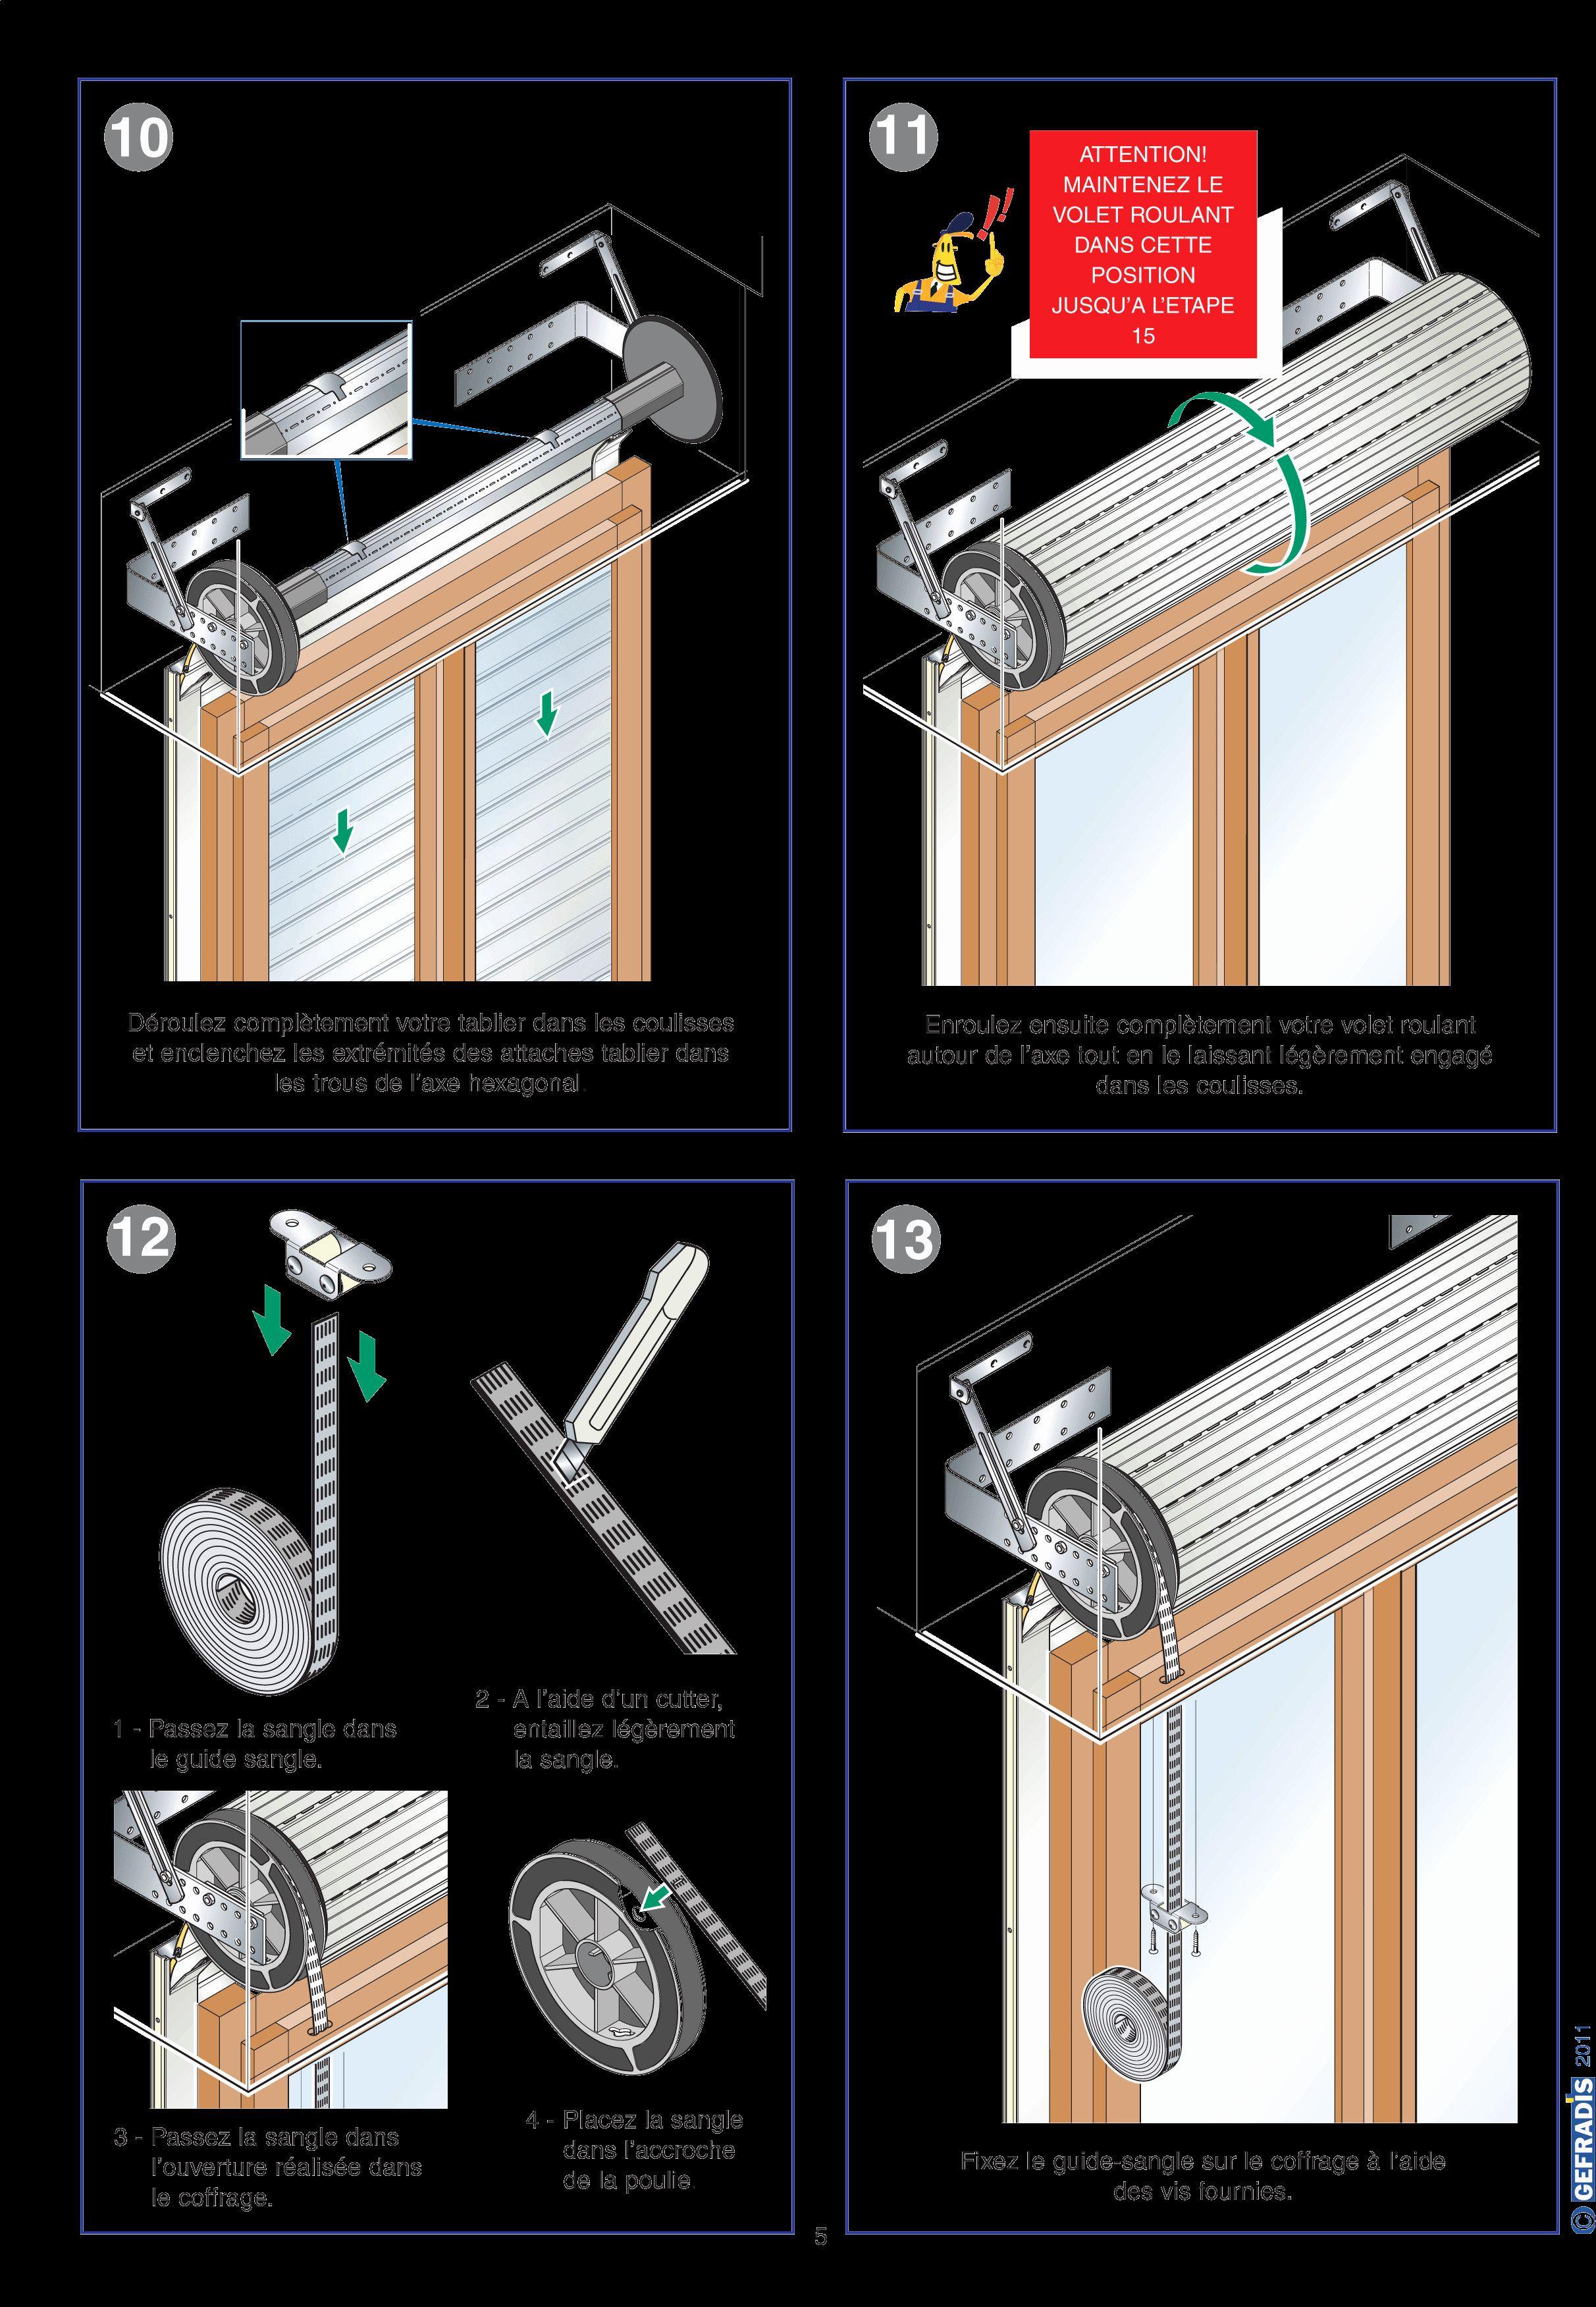 New Prix Volet Roulant Electrique Brico Depot Indoor Garden Design Indoor